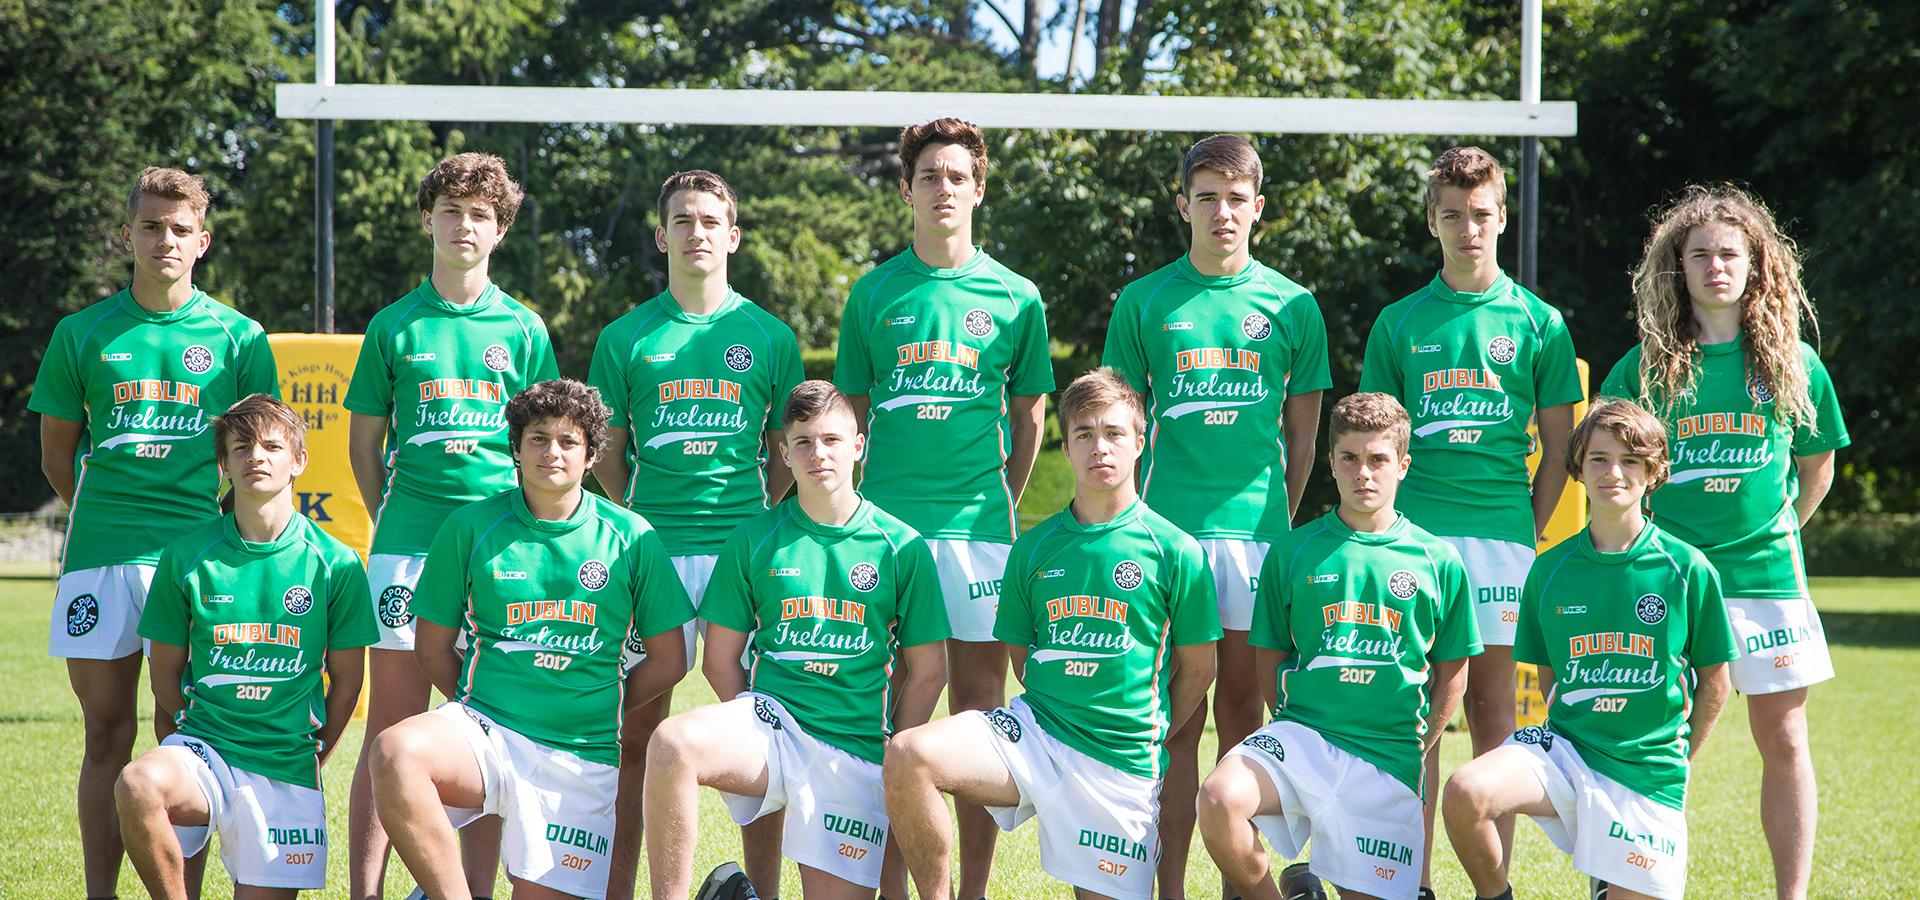 Campus de rugby en irlanda